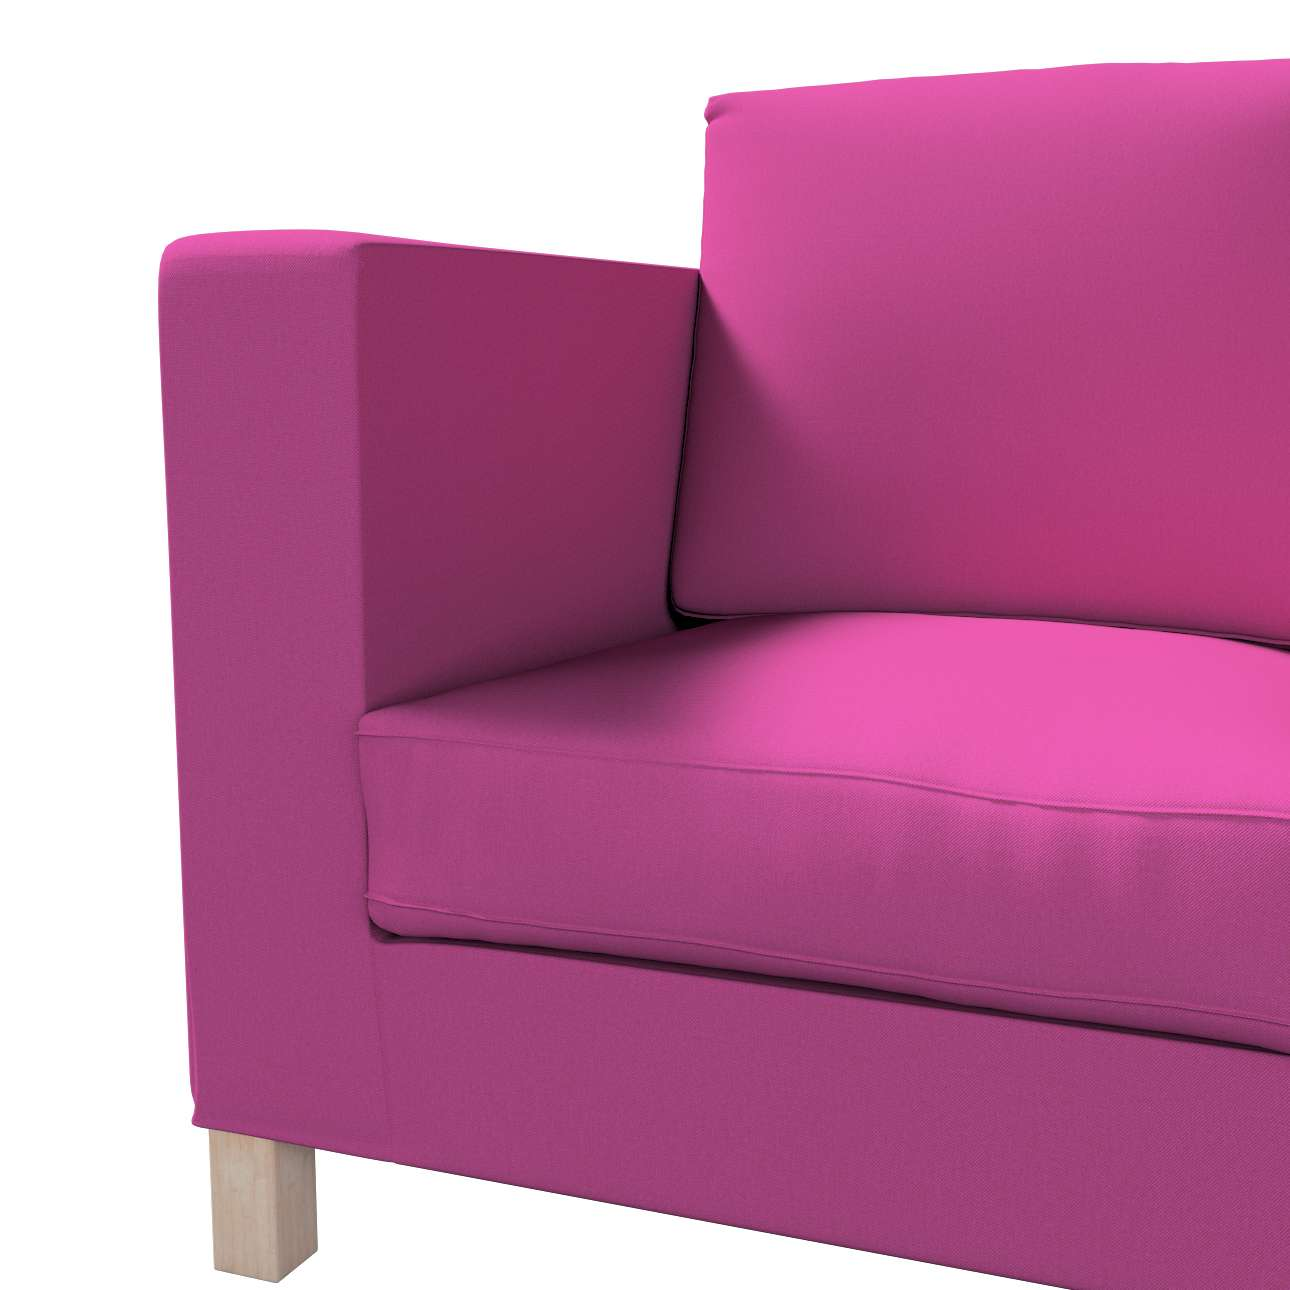 Bezug für Karlanda 3-Sitzer Sofa nicht ausklappbar, kurz von der Kollektion Etna, Stoff: 705-23